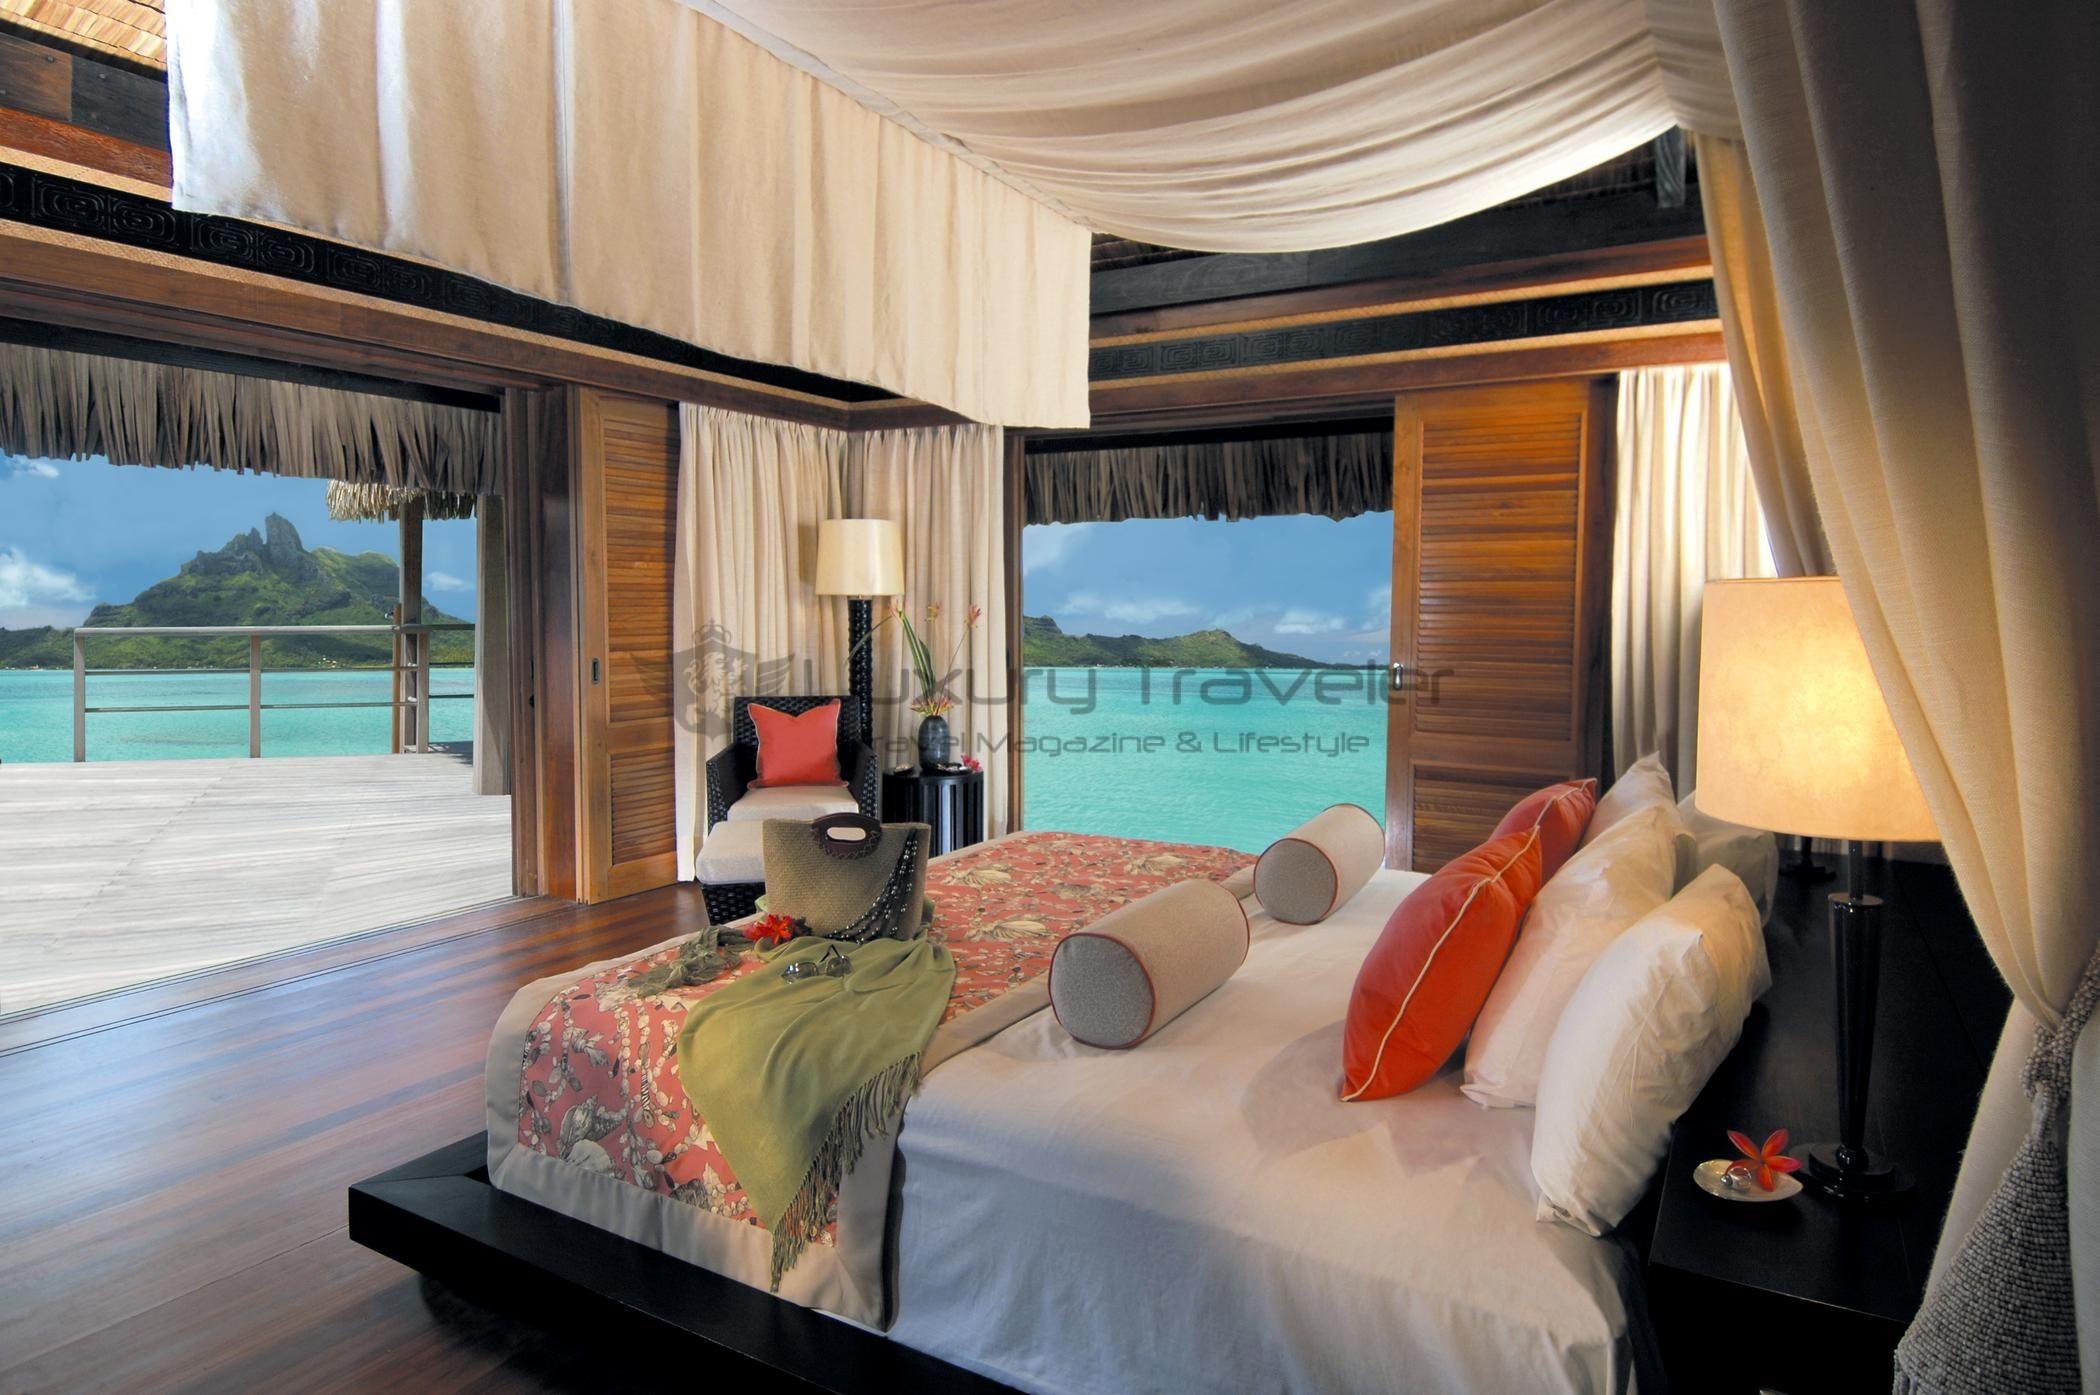 St-Regis-Resort-Bora-Bora_Bungalow_Luxury